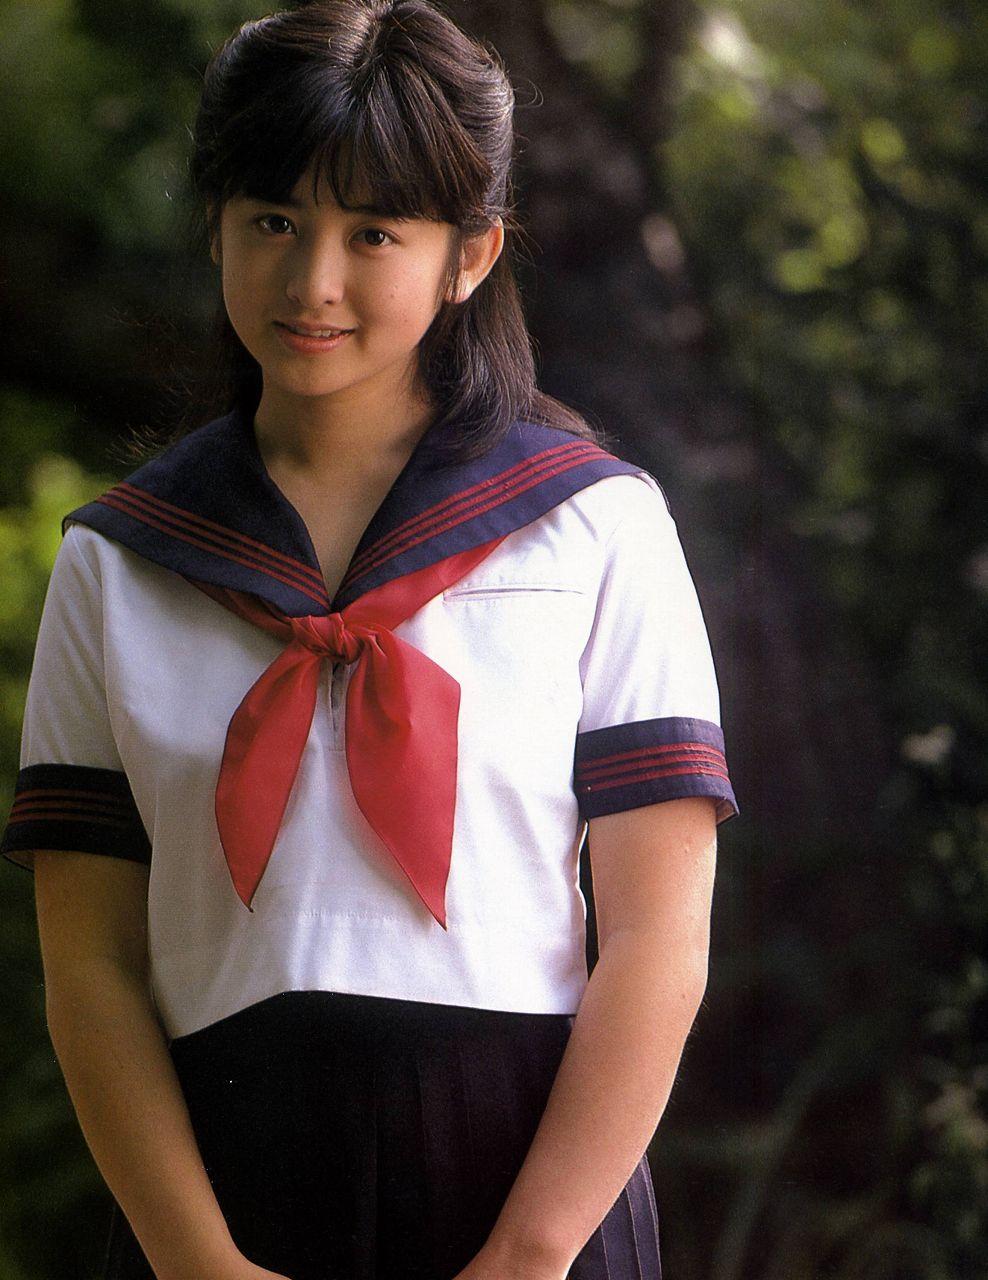 http://livedoor.blogimg.jp/masashi44444444/imgs/d/1/d196711a-s.jpg